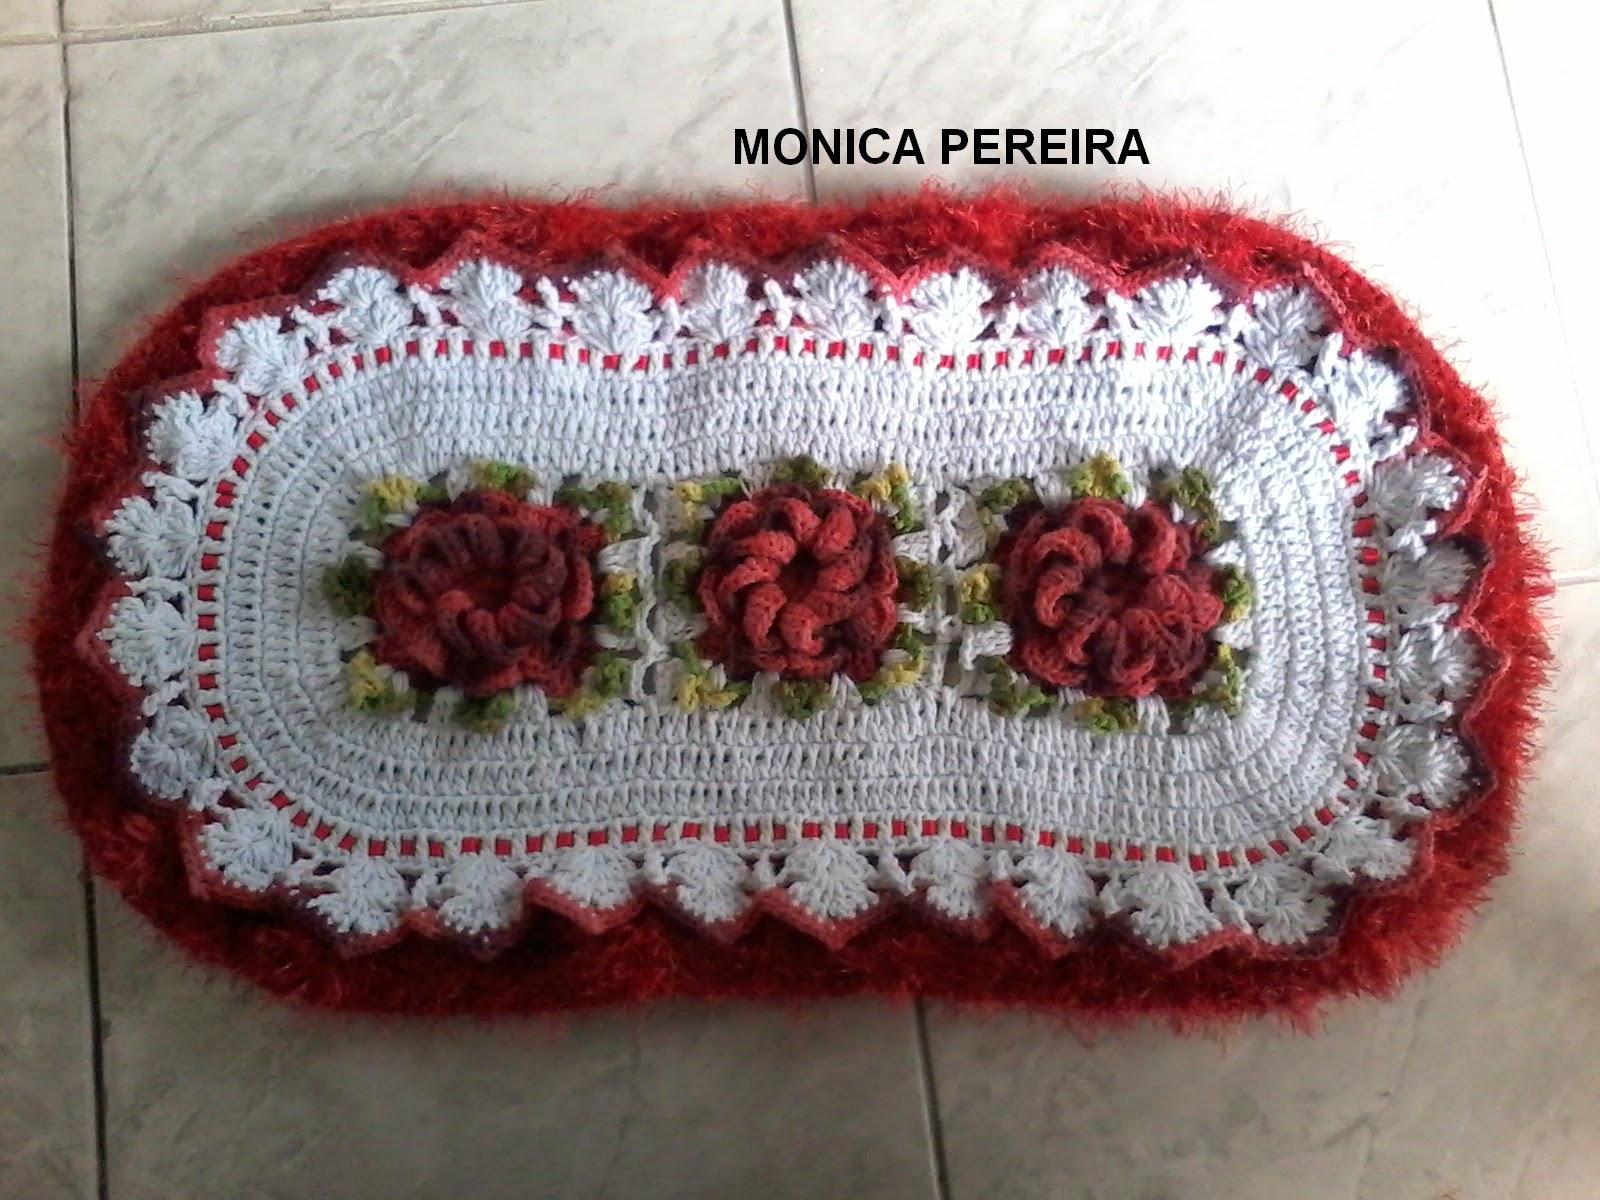 Jogos De Banheiro Vermelho E Branco : Artesanato mony croch? com amor jogo de banheiro vermelho